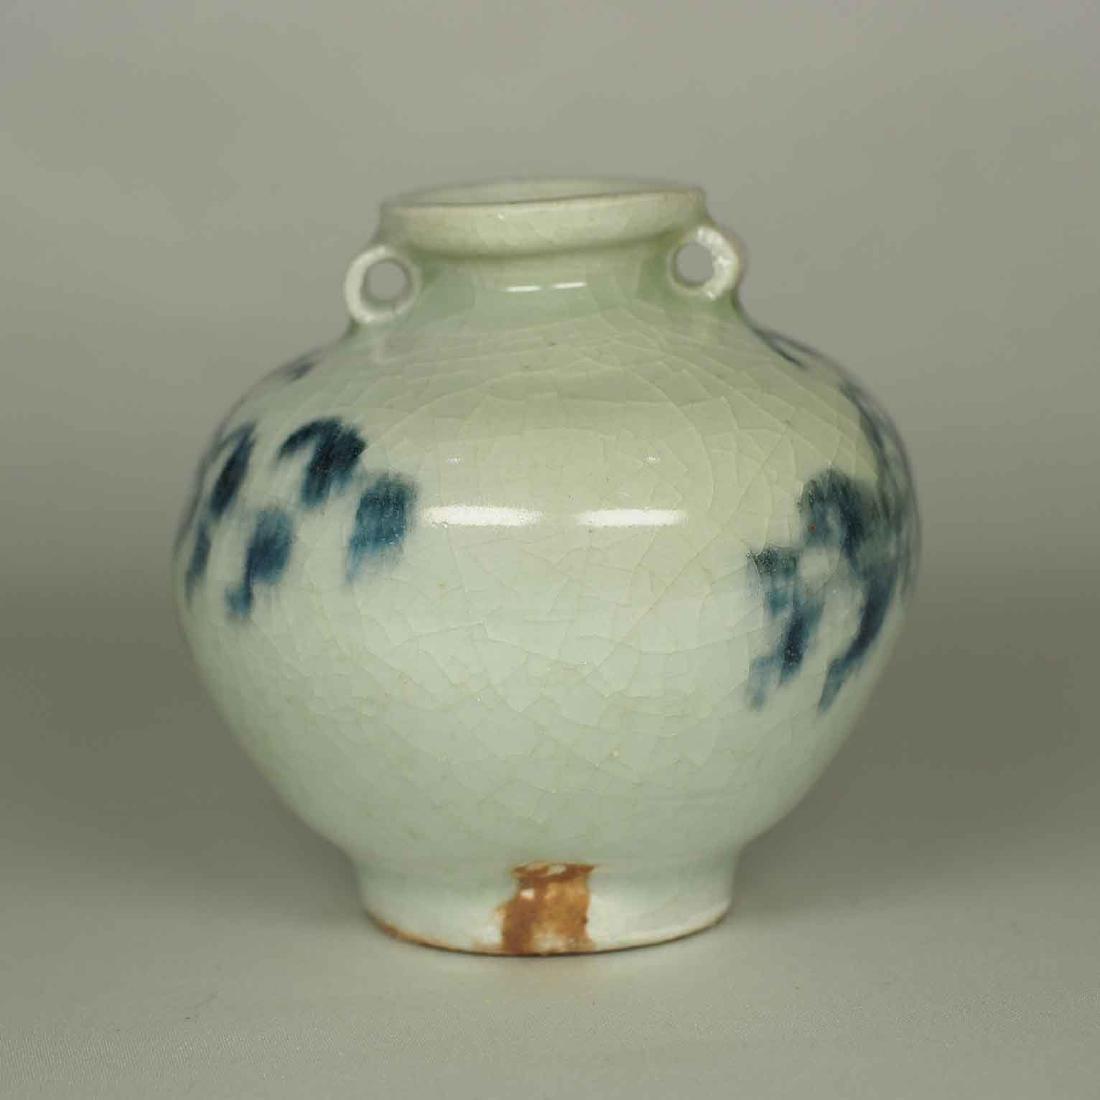 Jarlet with Chrysanthemum Flower, Yuan Dynasty - 3